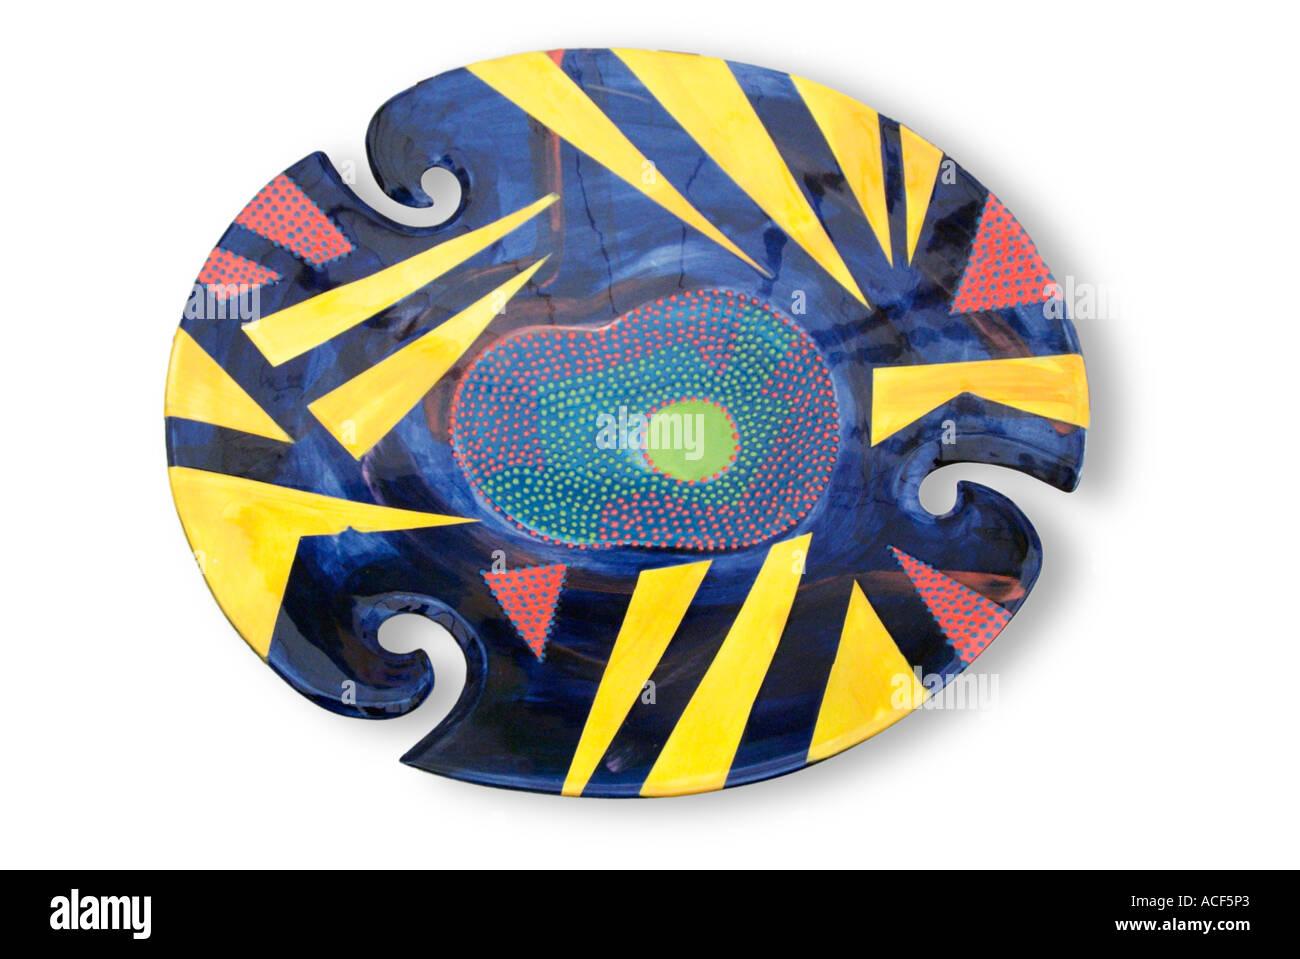 Keramik Handgefertigt Studio Kunst Keramik Platte Geometrische Uk